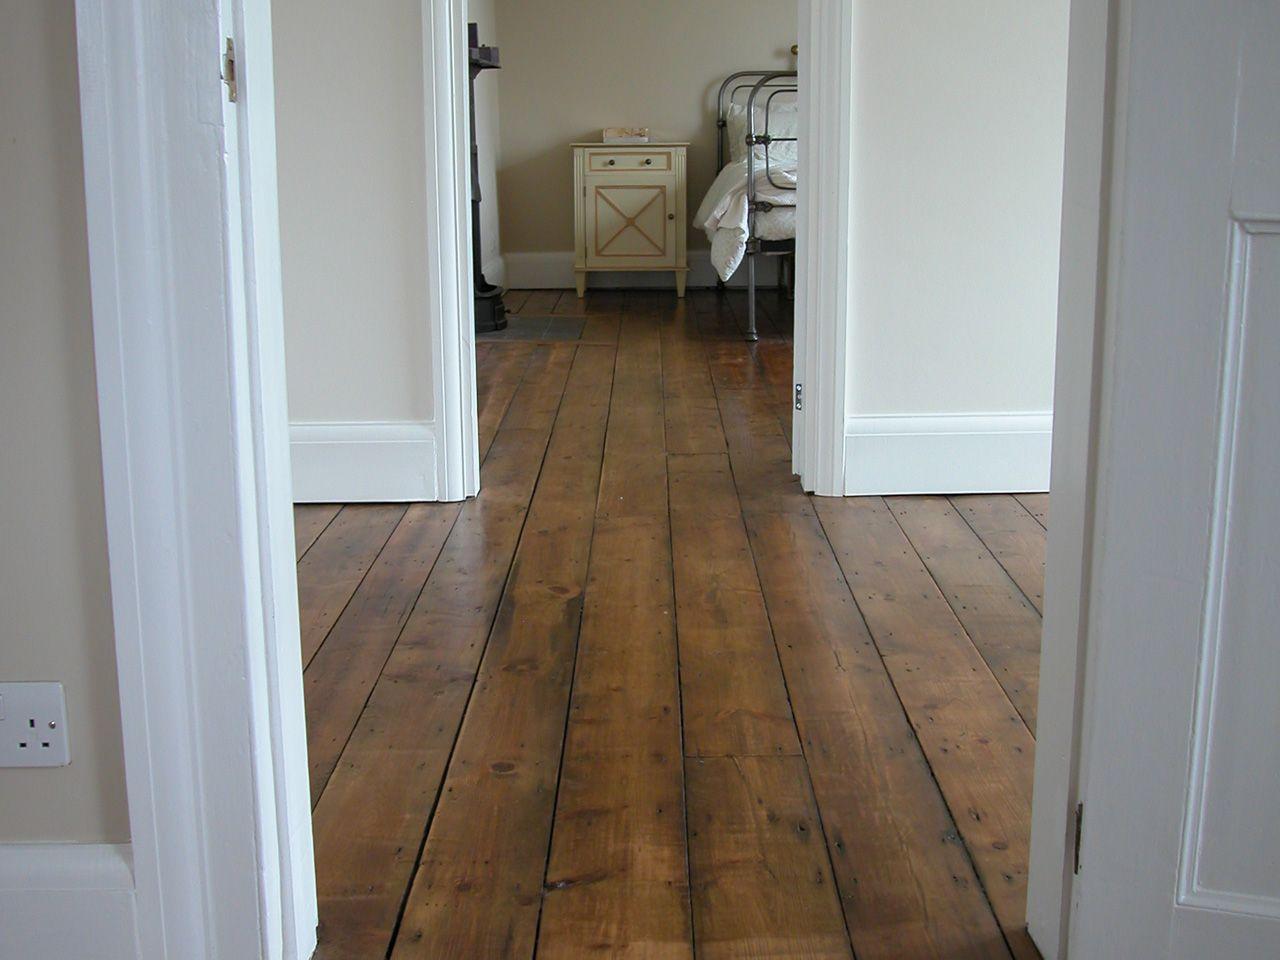 incredible hardwood floor bedroom   georgian floorboards - Google Search   Pine wood flooring ...